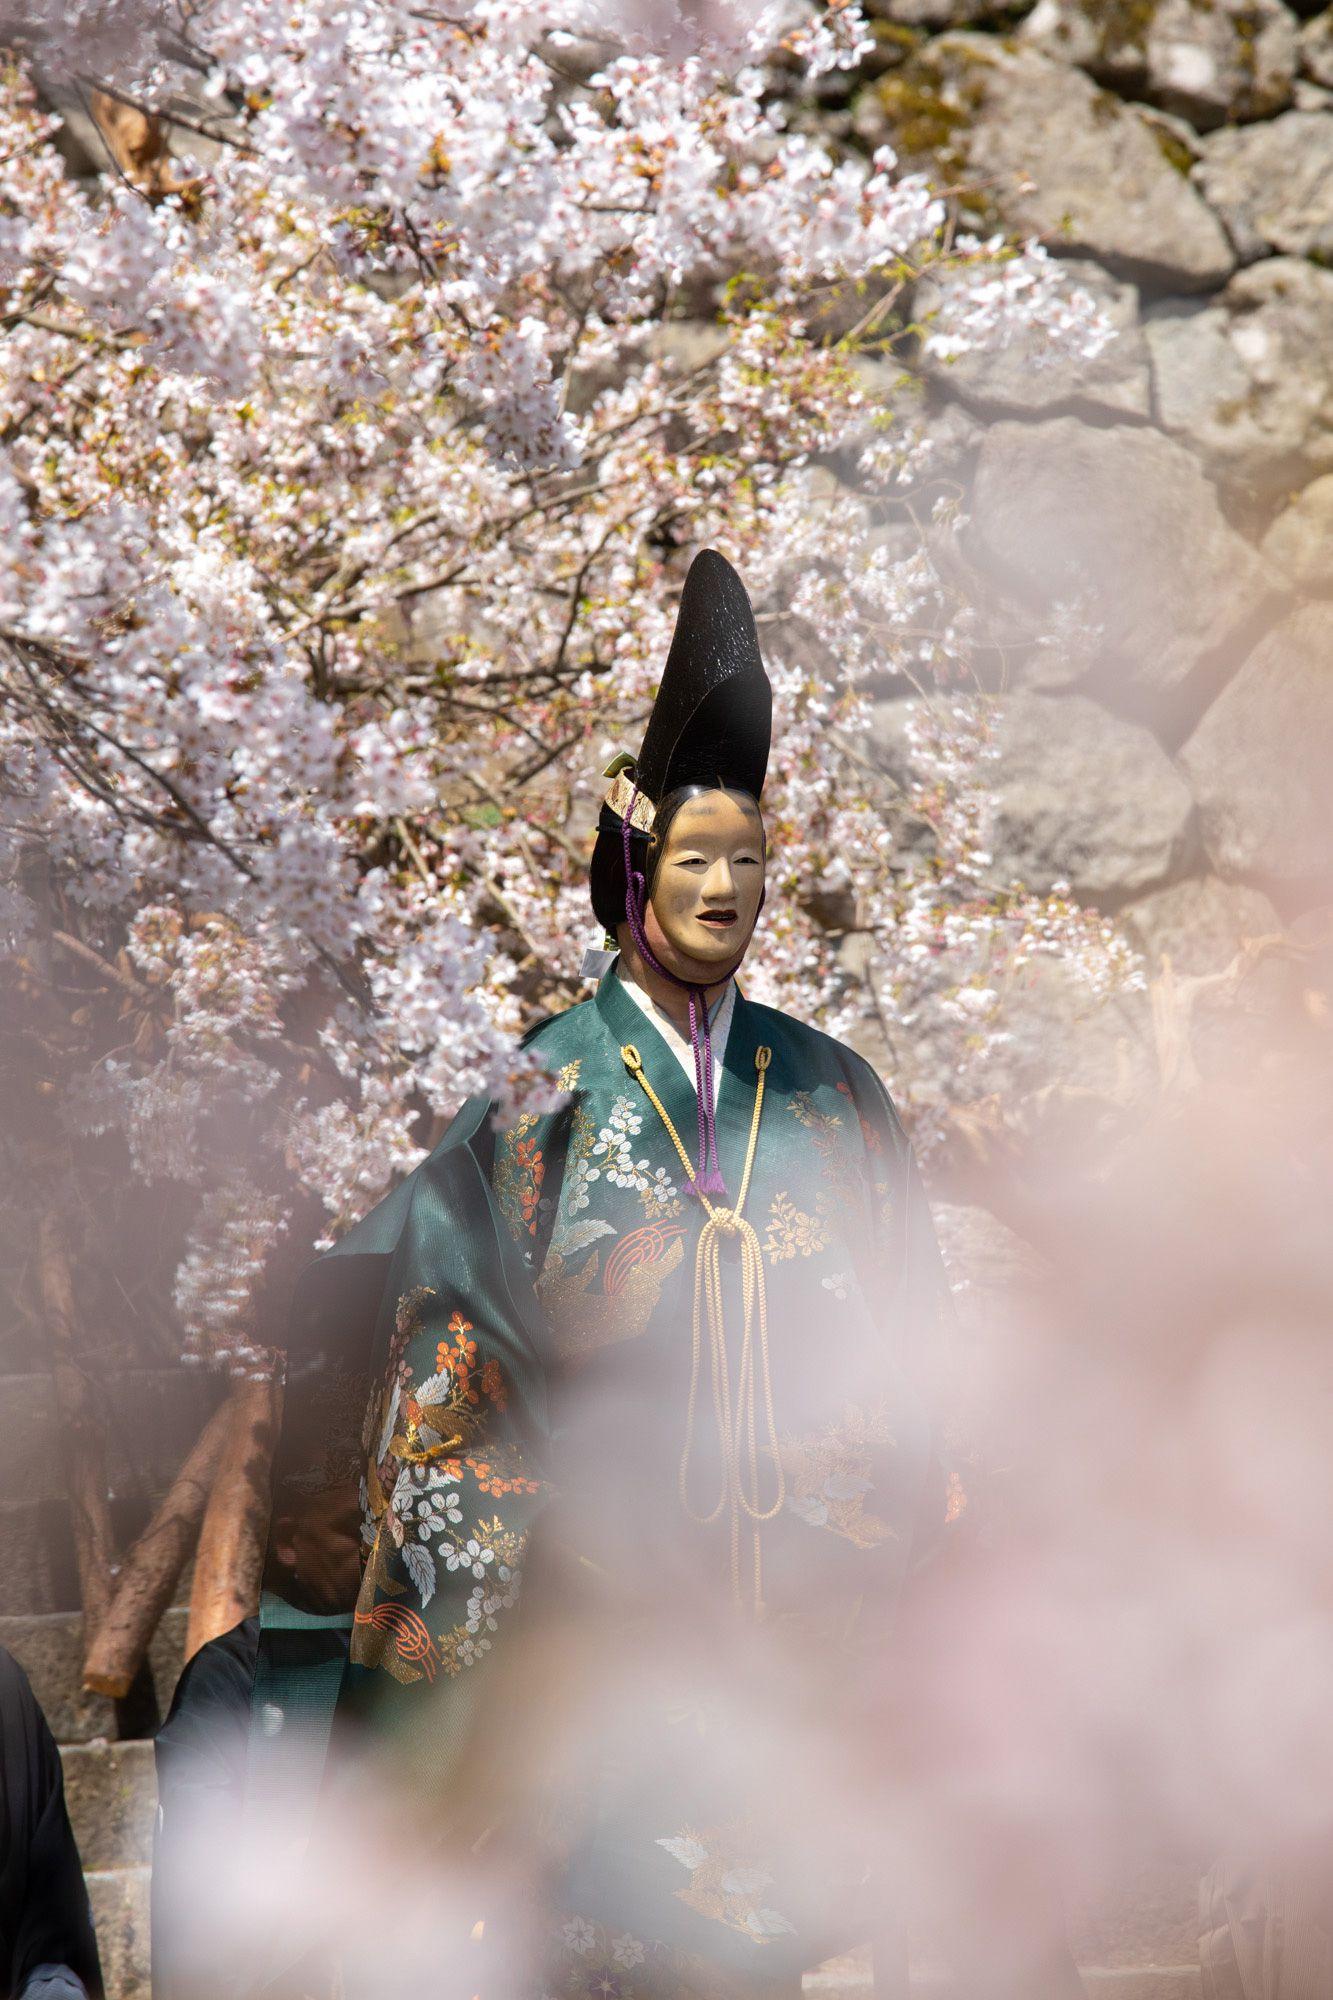 百万は生き別れた子供と再会し、喜びと共に舞いおさめる。百万に桜の花びらが散りかかり、白昼ながら幽玄の世界に引き込まれる。